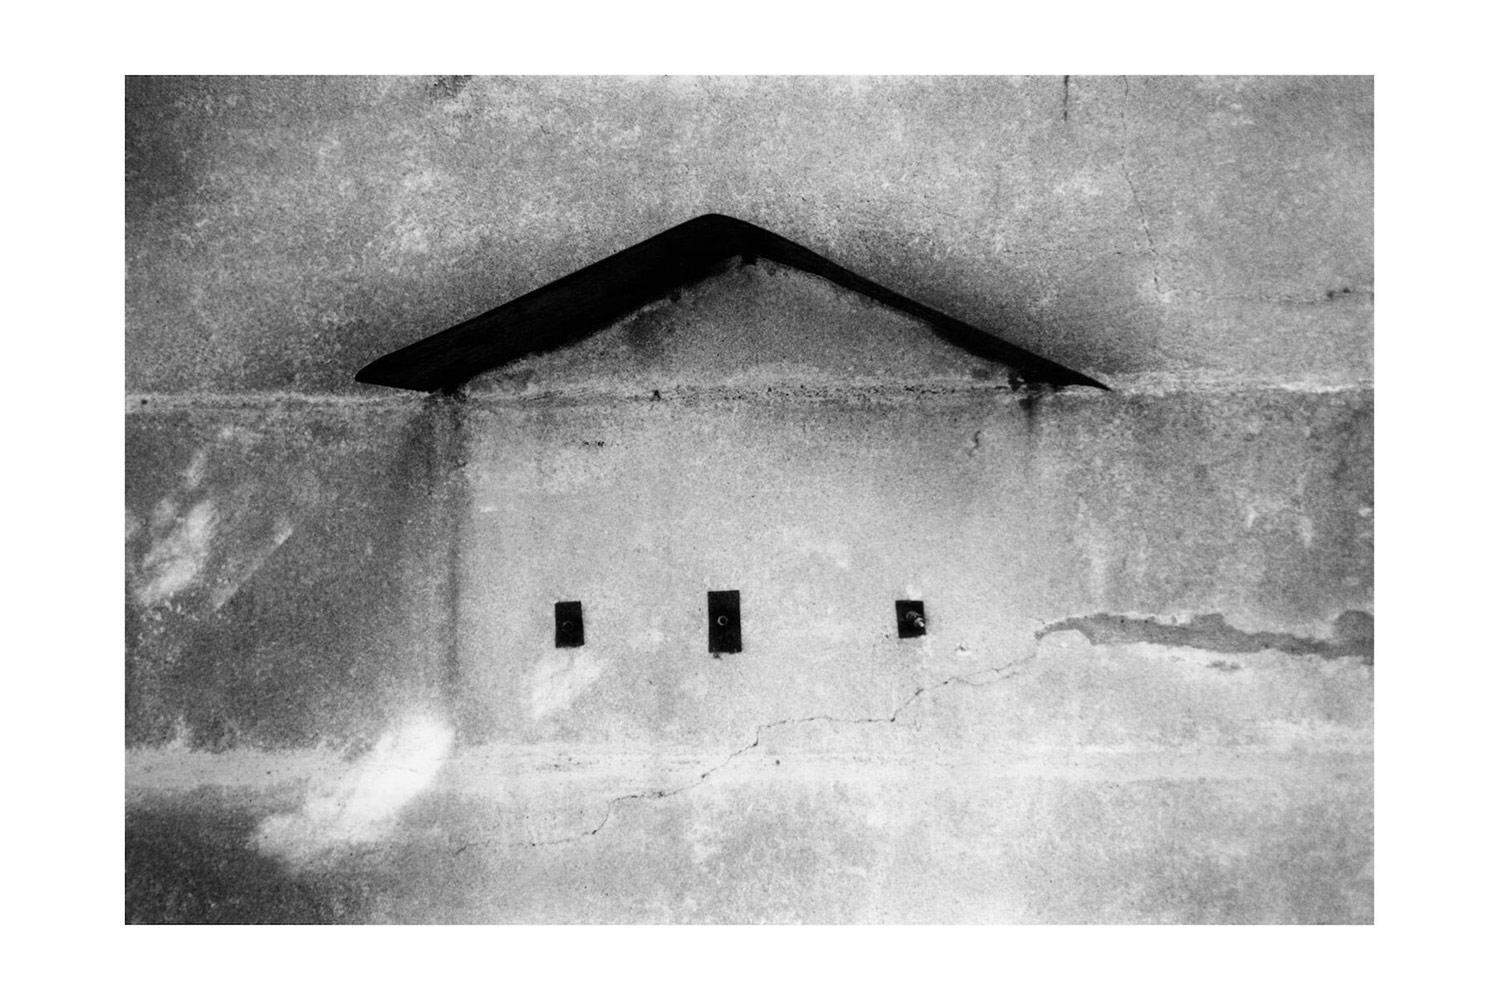 Следы прошлого, © Силке Краш, Фотоконкурс «Фотография и литература» – Wort im Bild